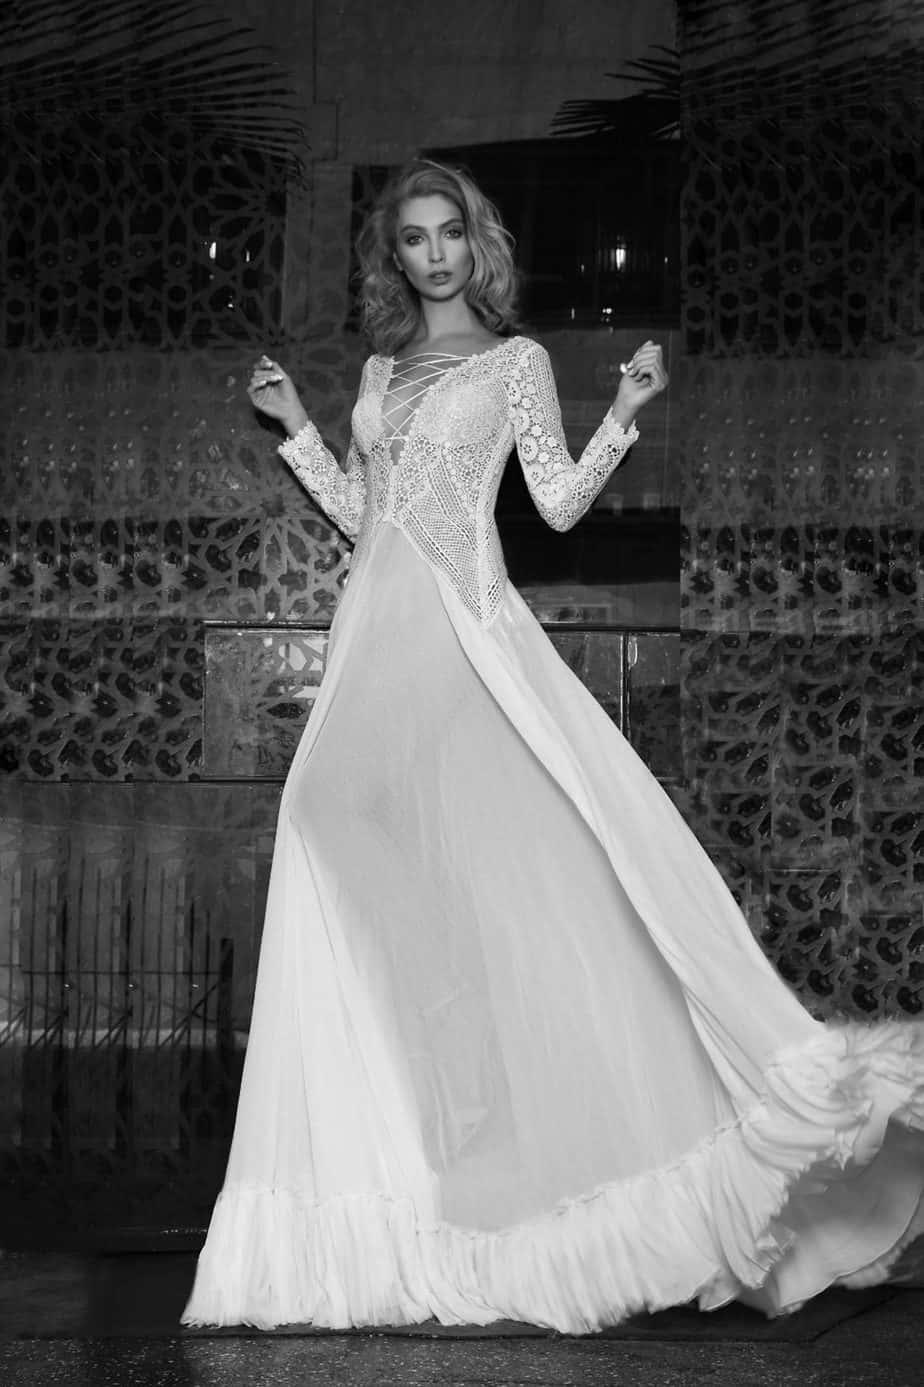 לכלה הצעירה והמבוגרת. שמלת כלה של סילביה ורסנו: צילום צחי וזנה